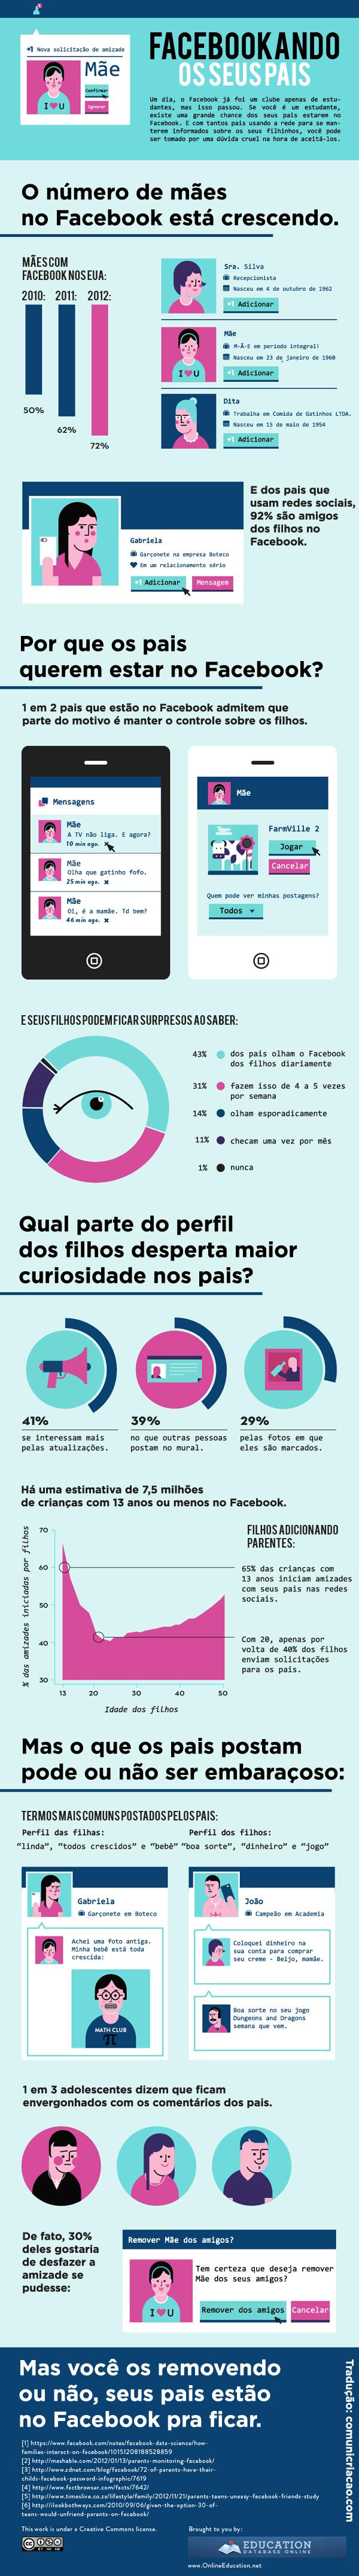 infograficopaiscomuni